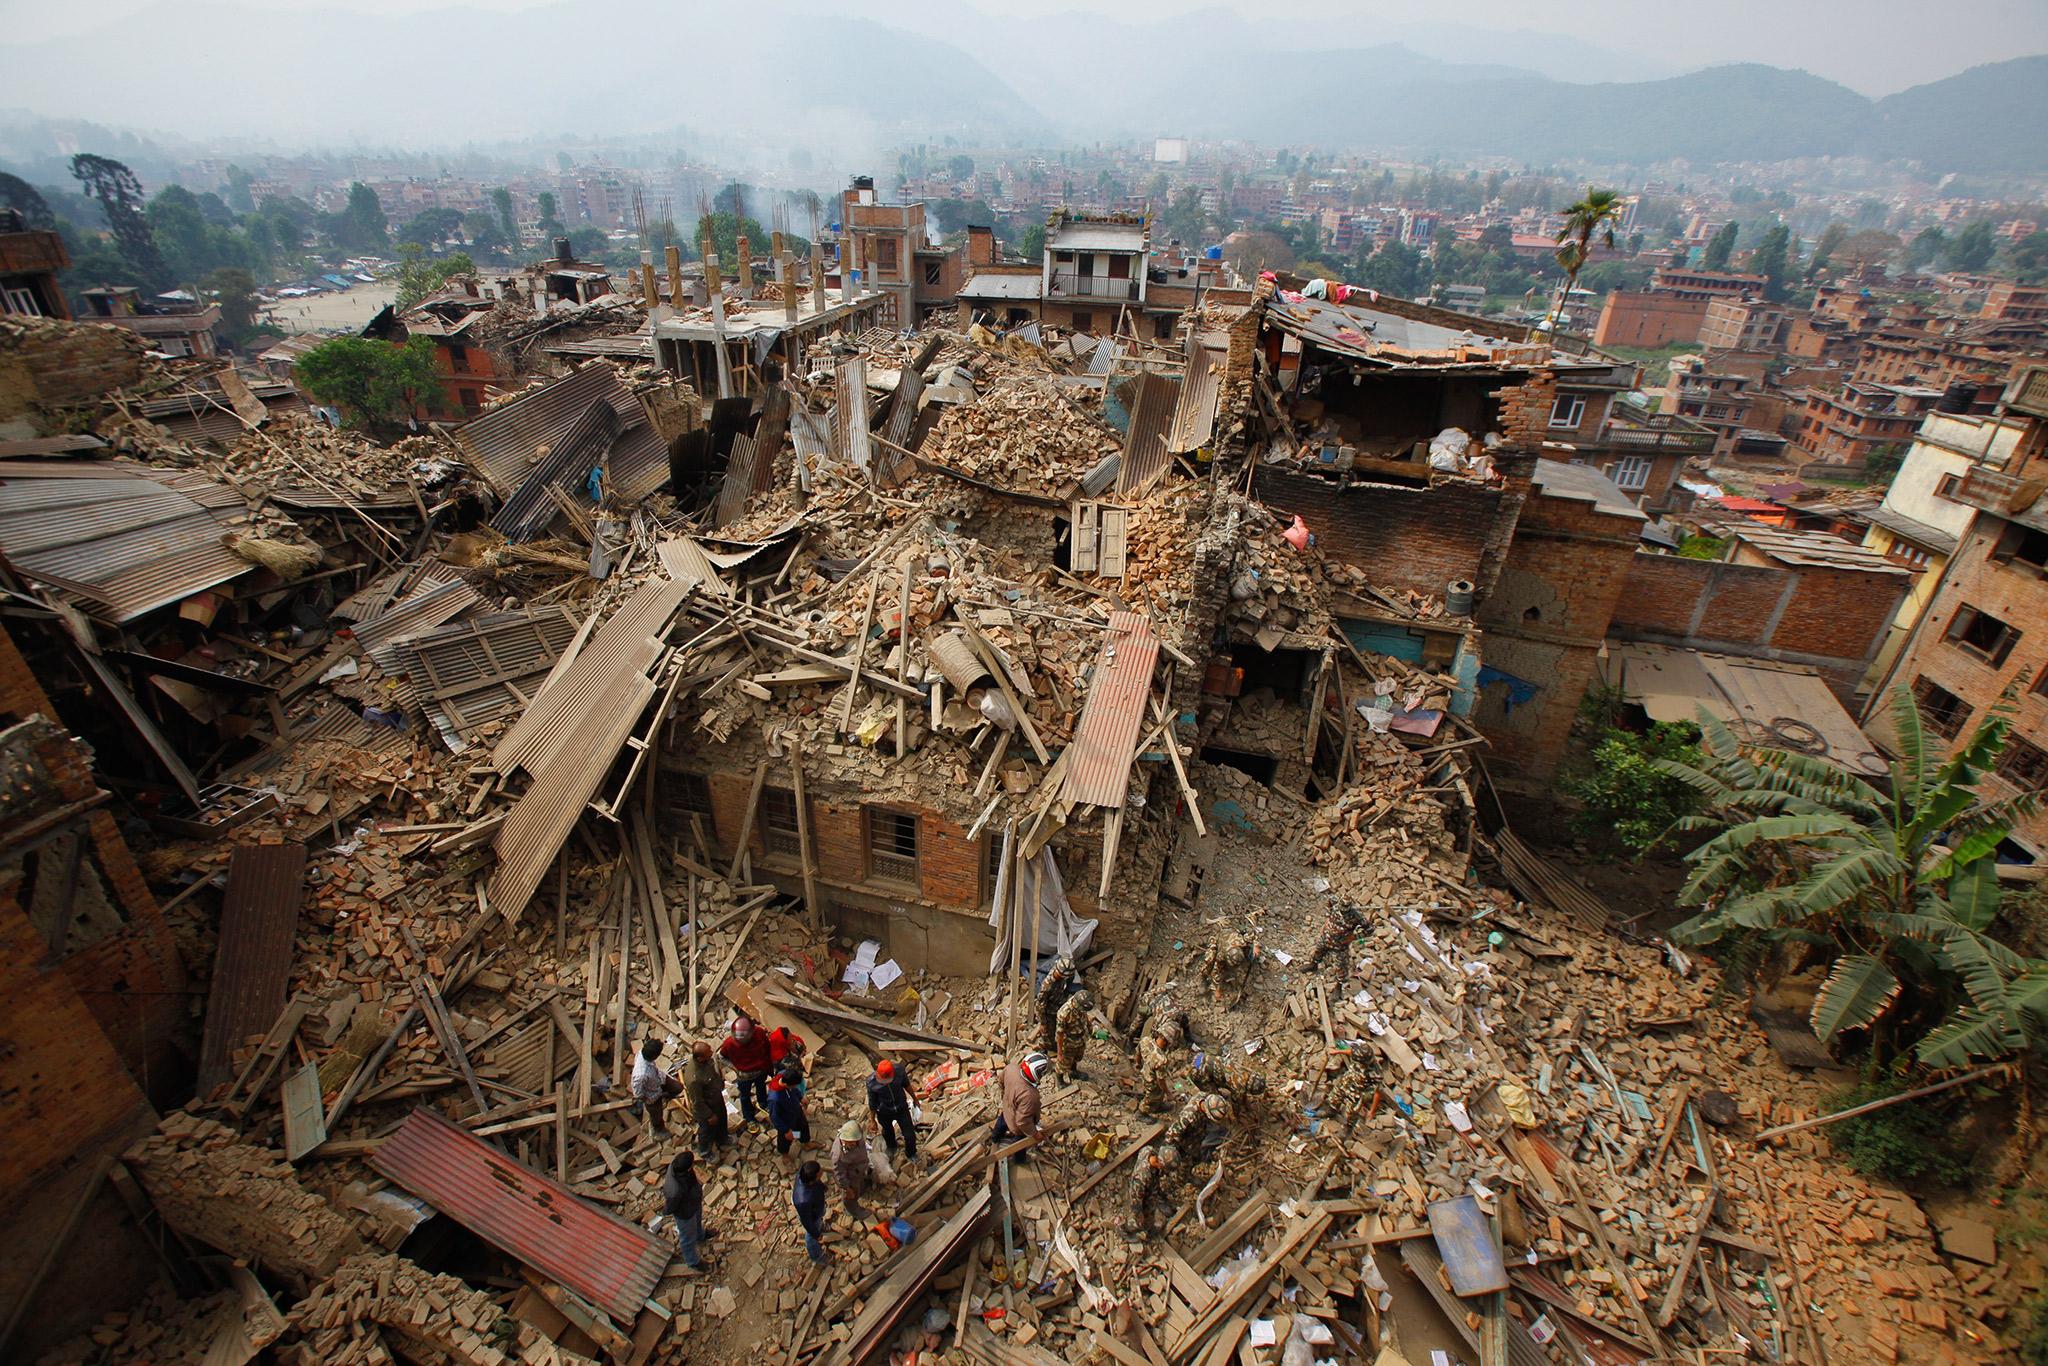 آیا رخداد زلزلههای کوچک تاثیری در کاهش زلزله بزرگ دارد